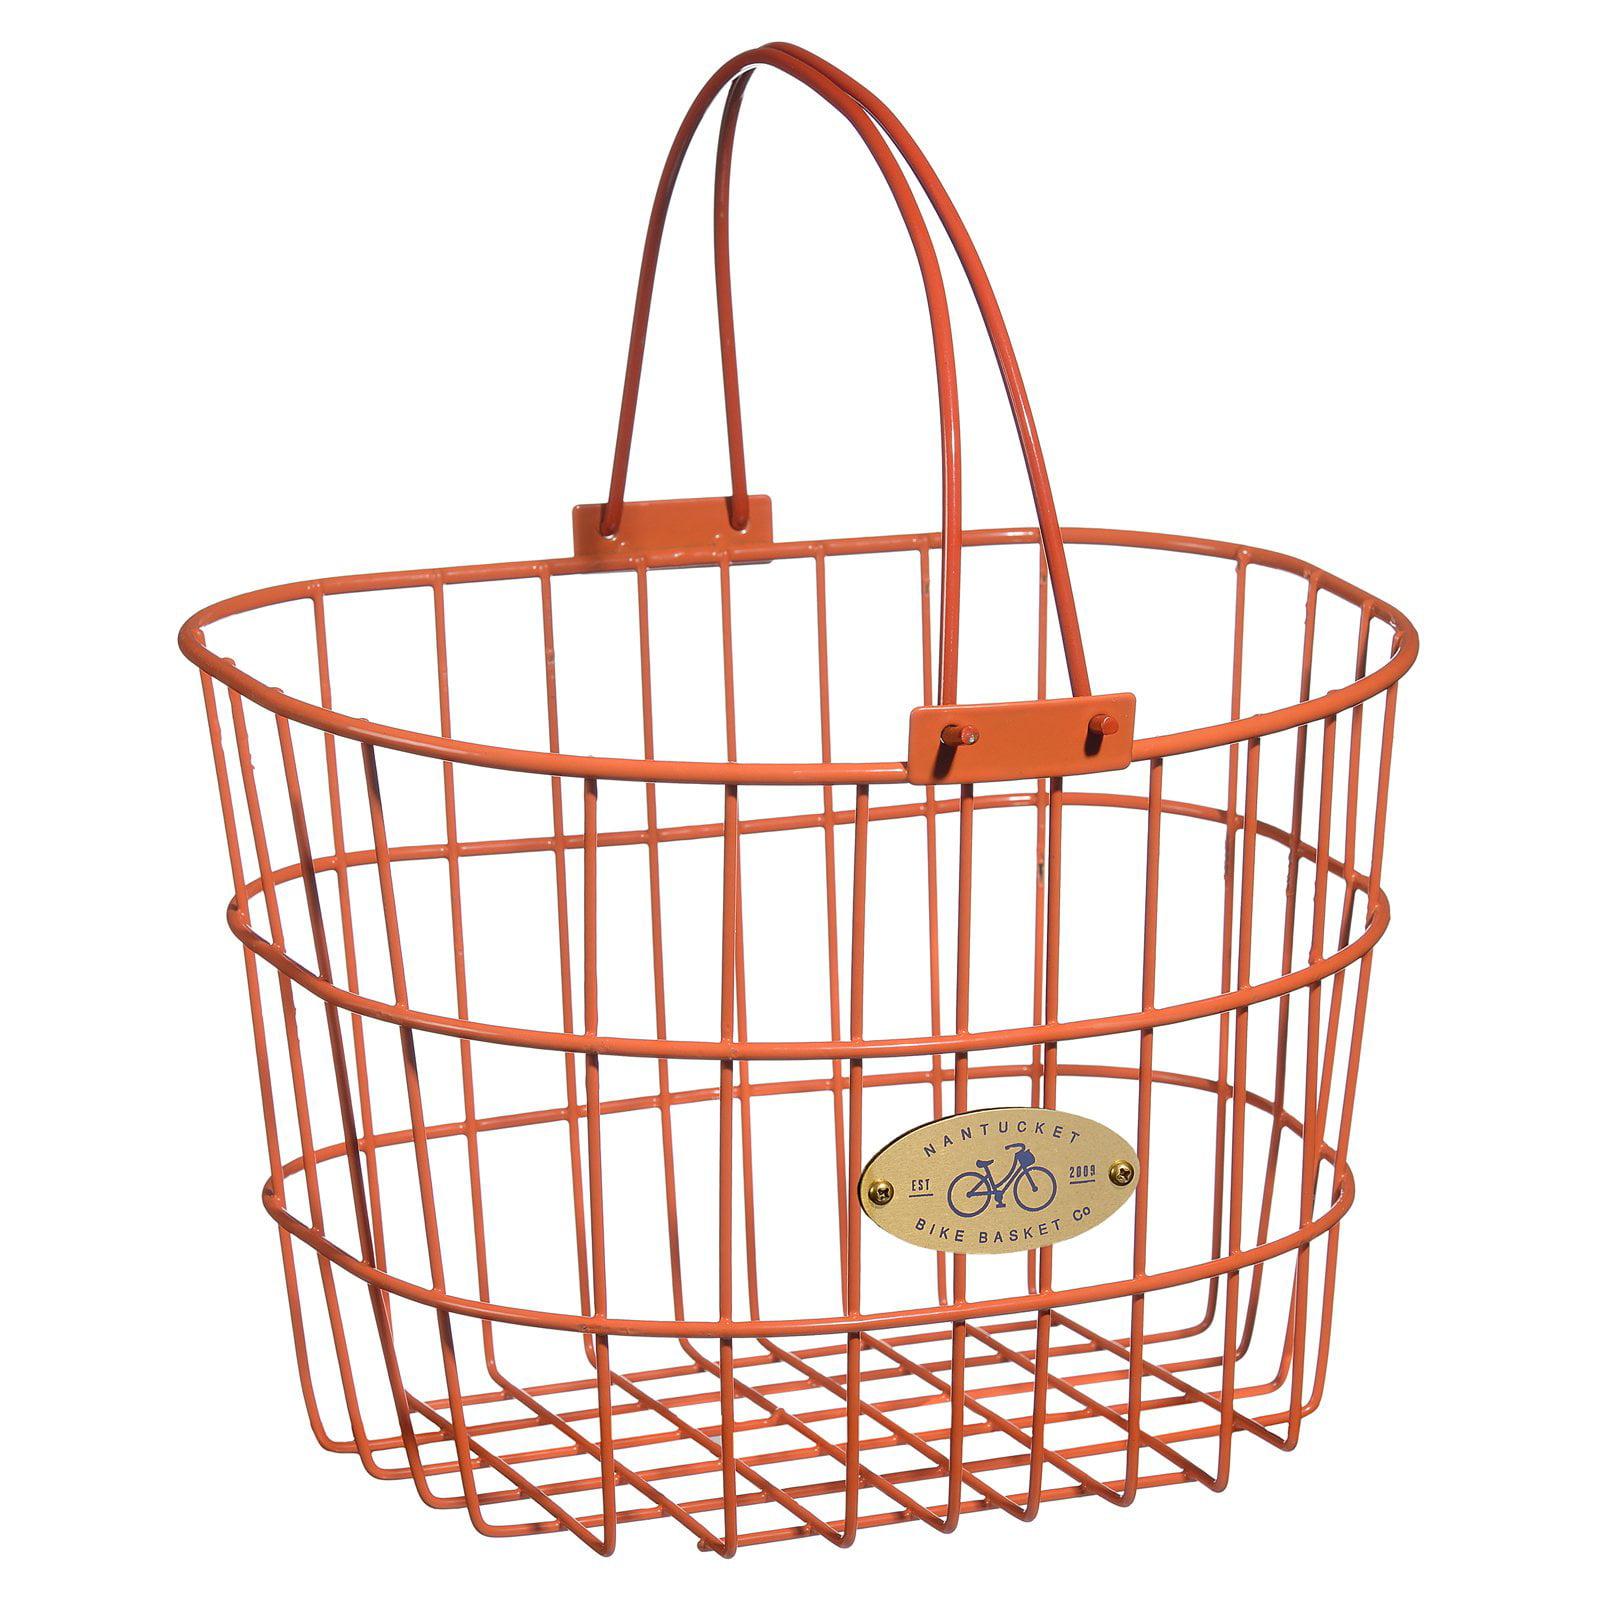 Nantucket Bicycle Basket Co. Surfside Adult Wire D-Shape Basket, Pink